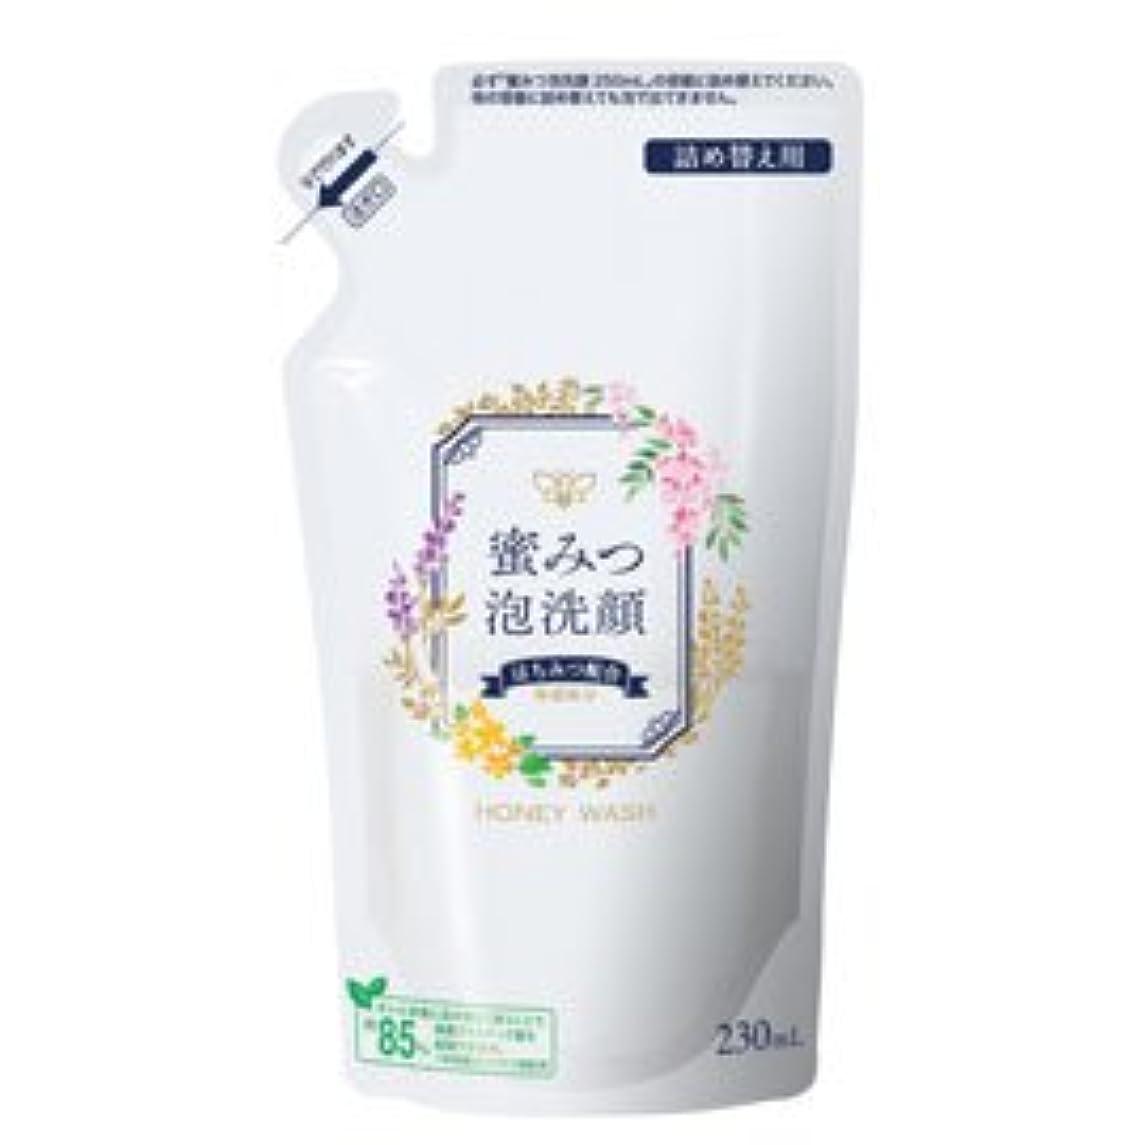 正直夜間関与する蜜みつ泡洗顔 230mL(詰替用)